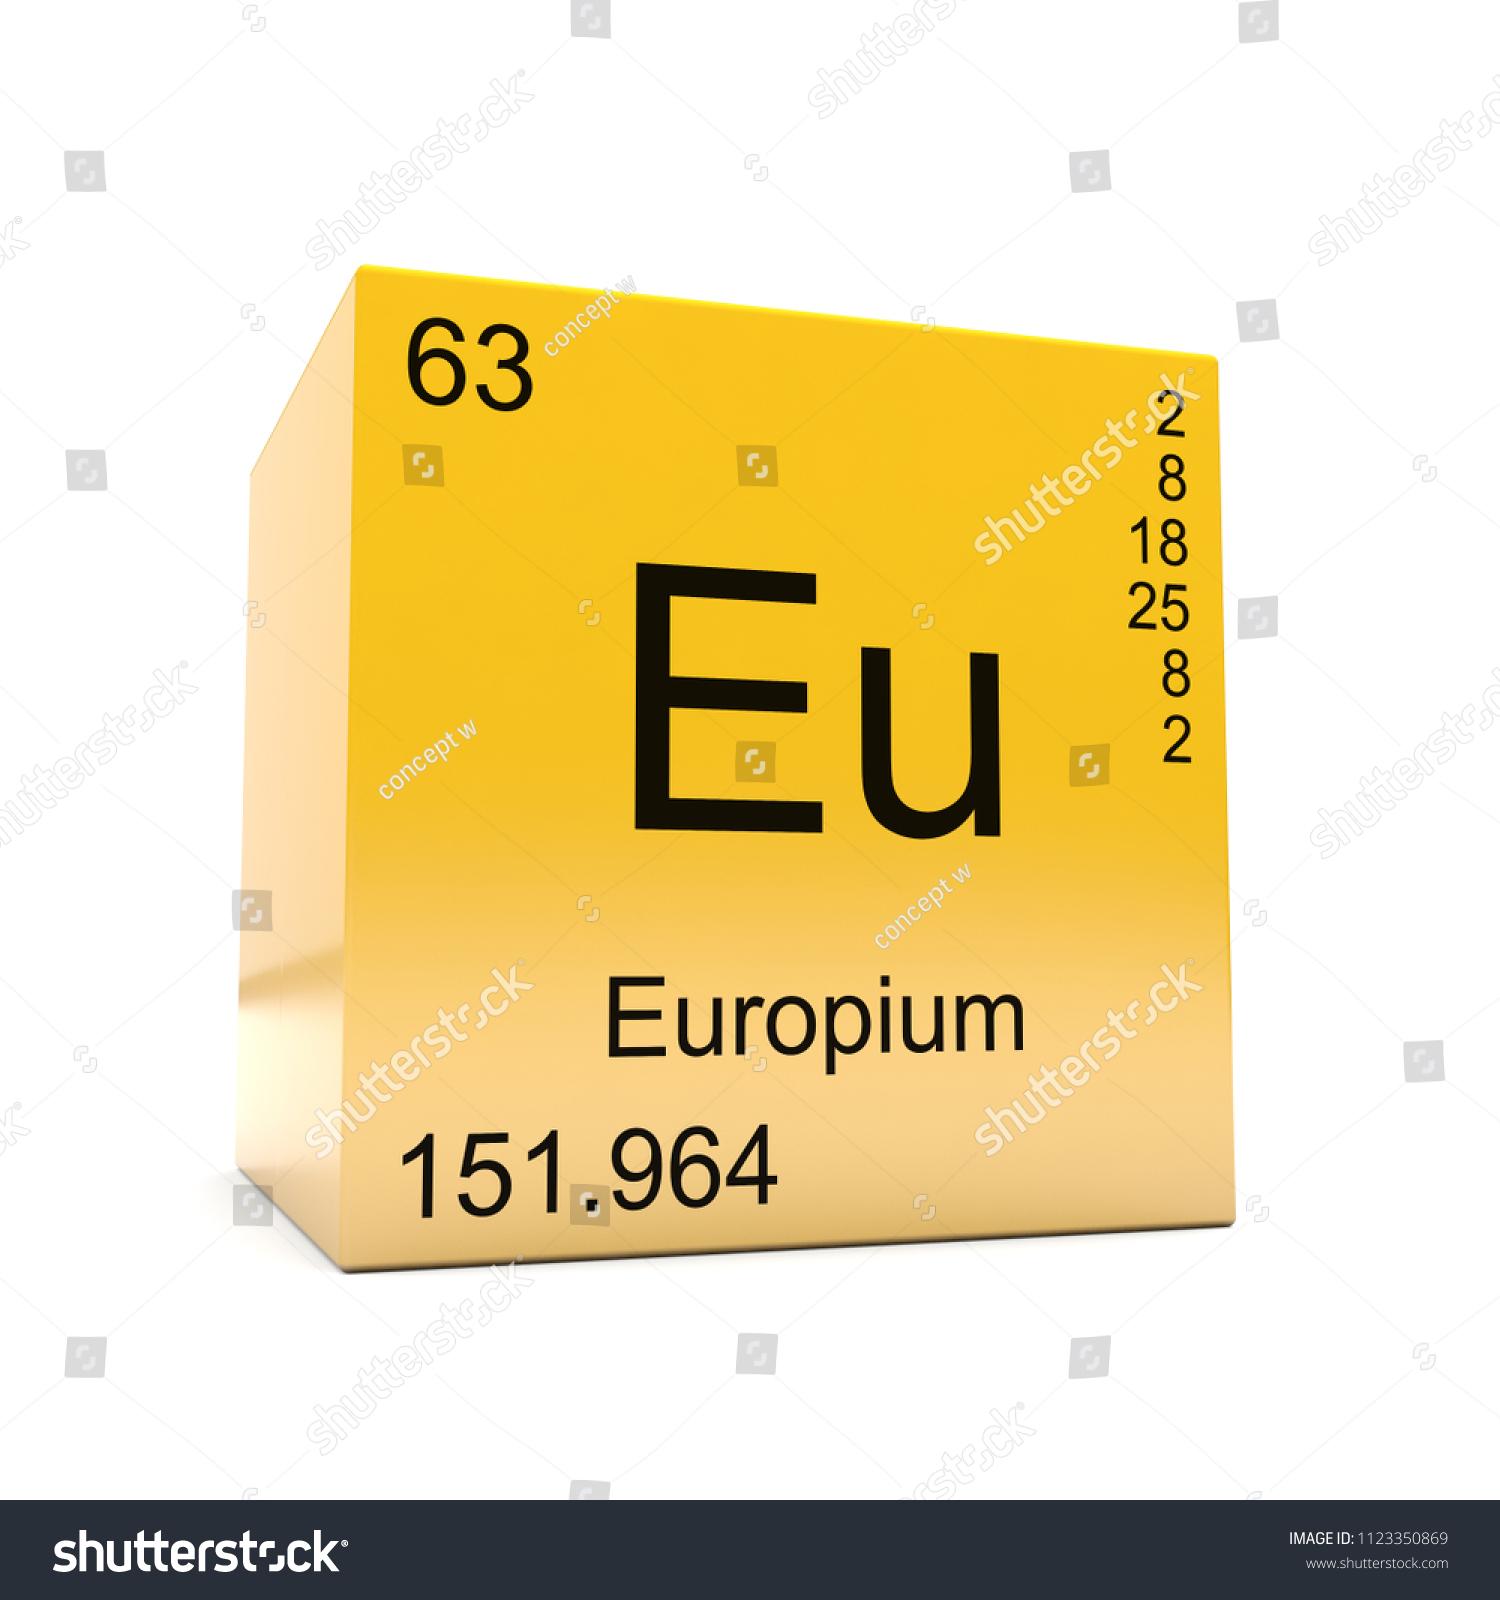 Europium Chemical Element Symbol Periodic Table Stock Illustration